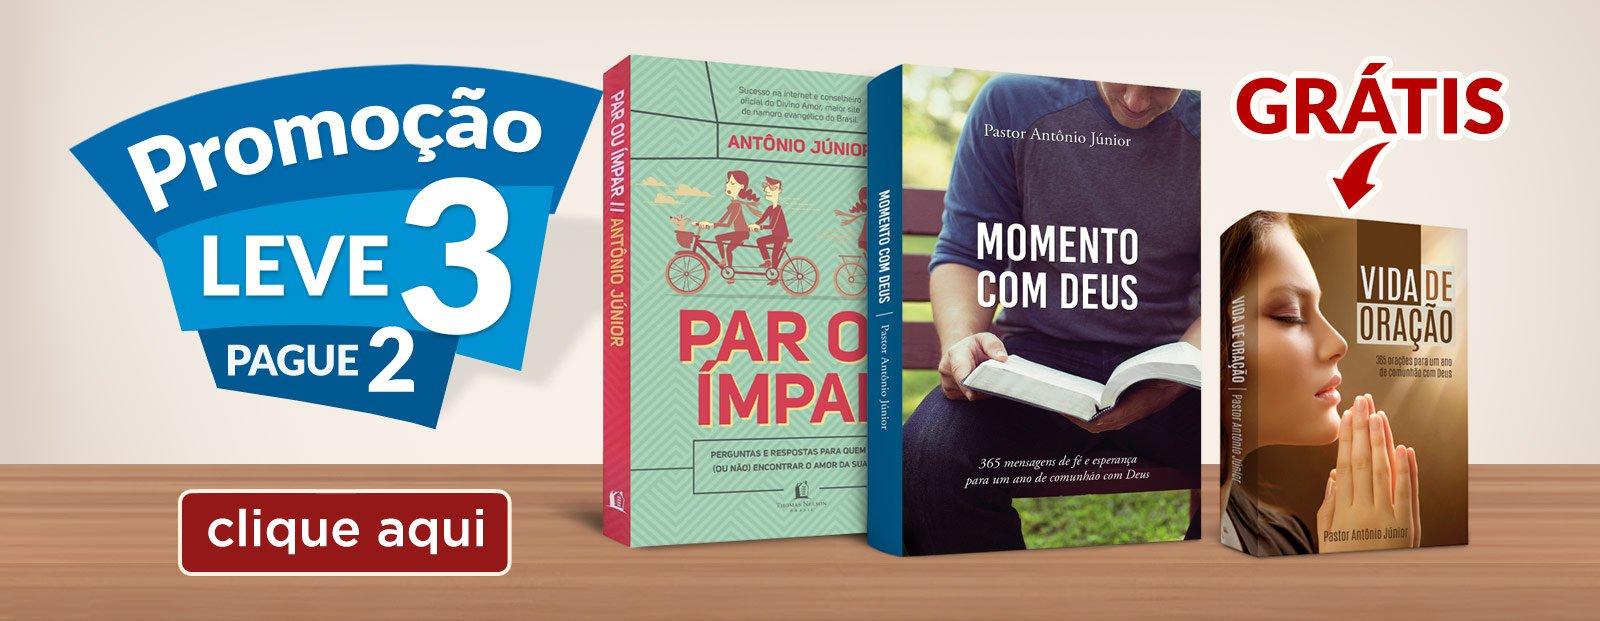 Livros Pastor Antonio Junior